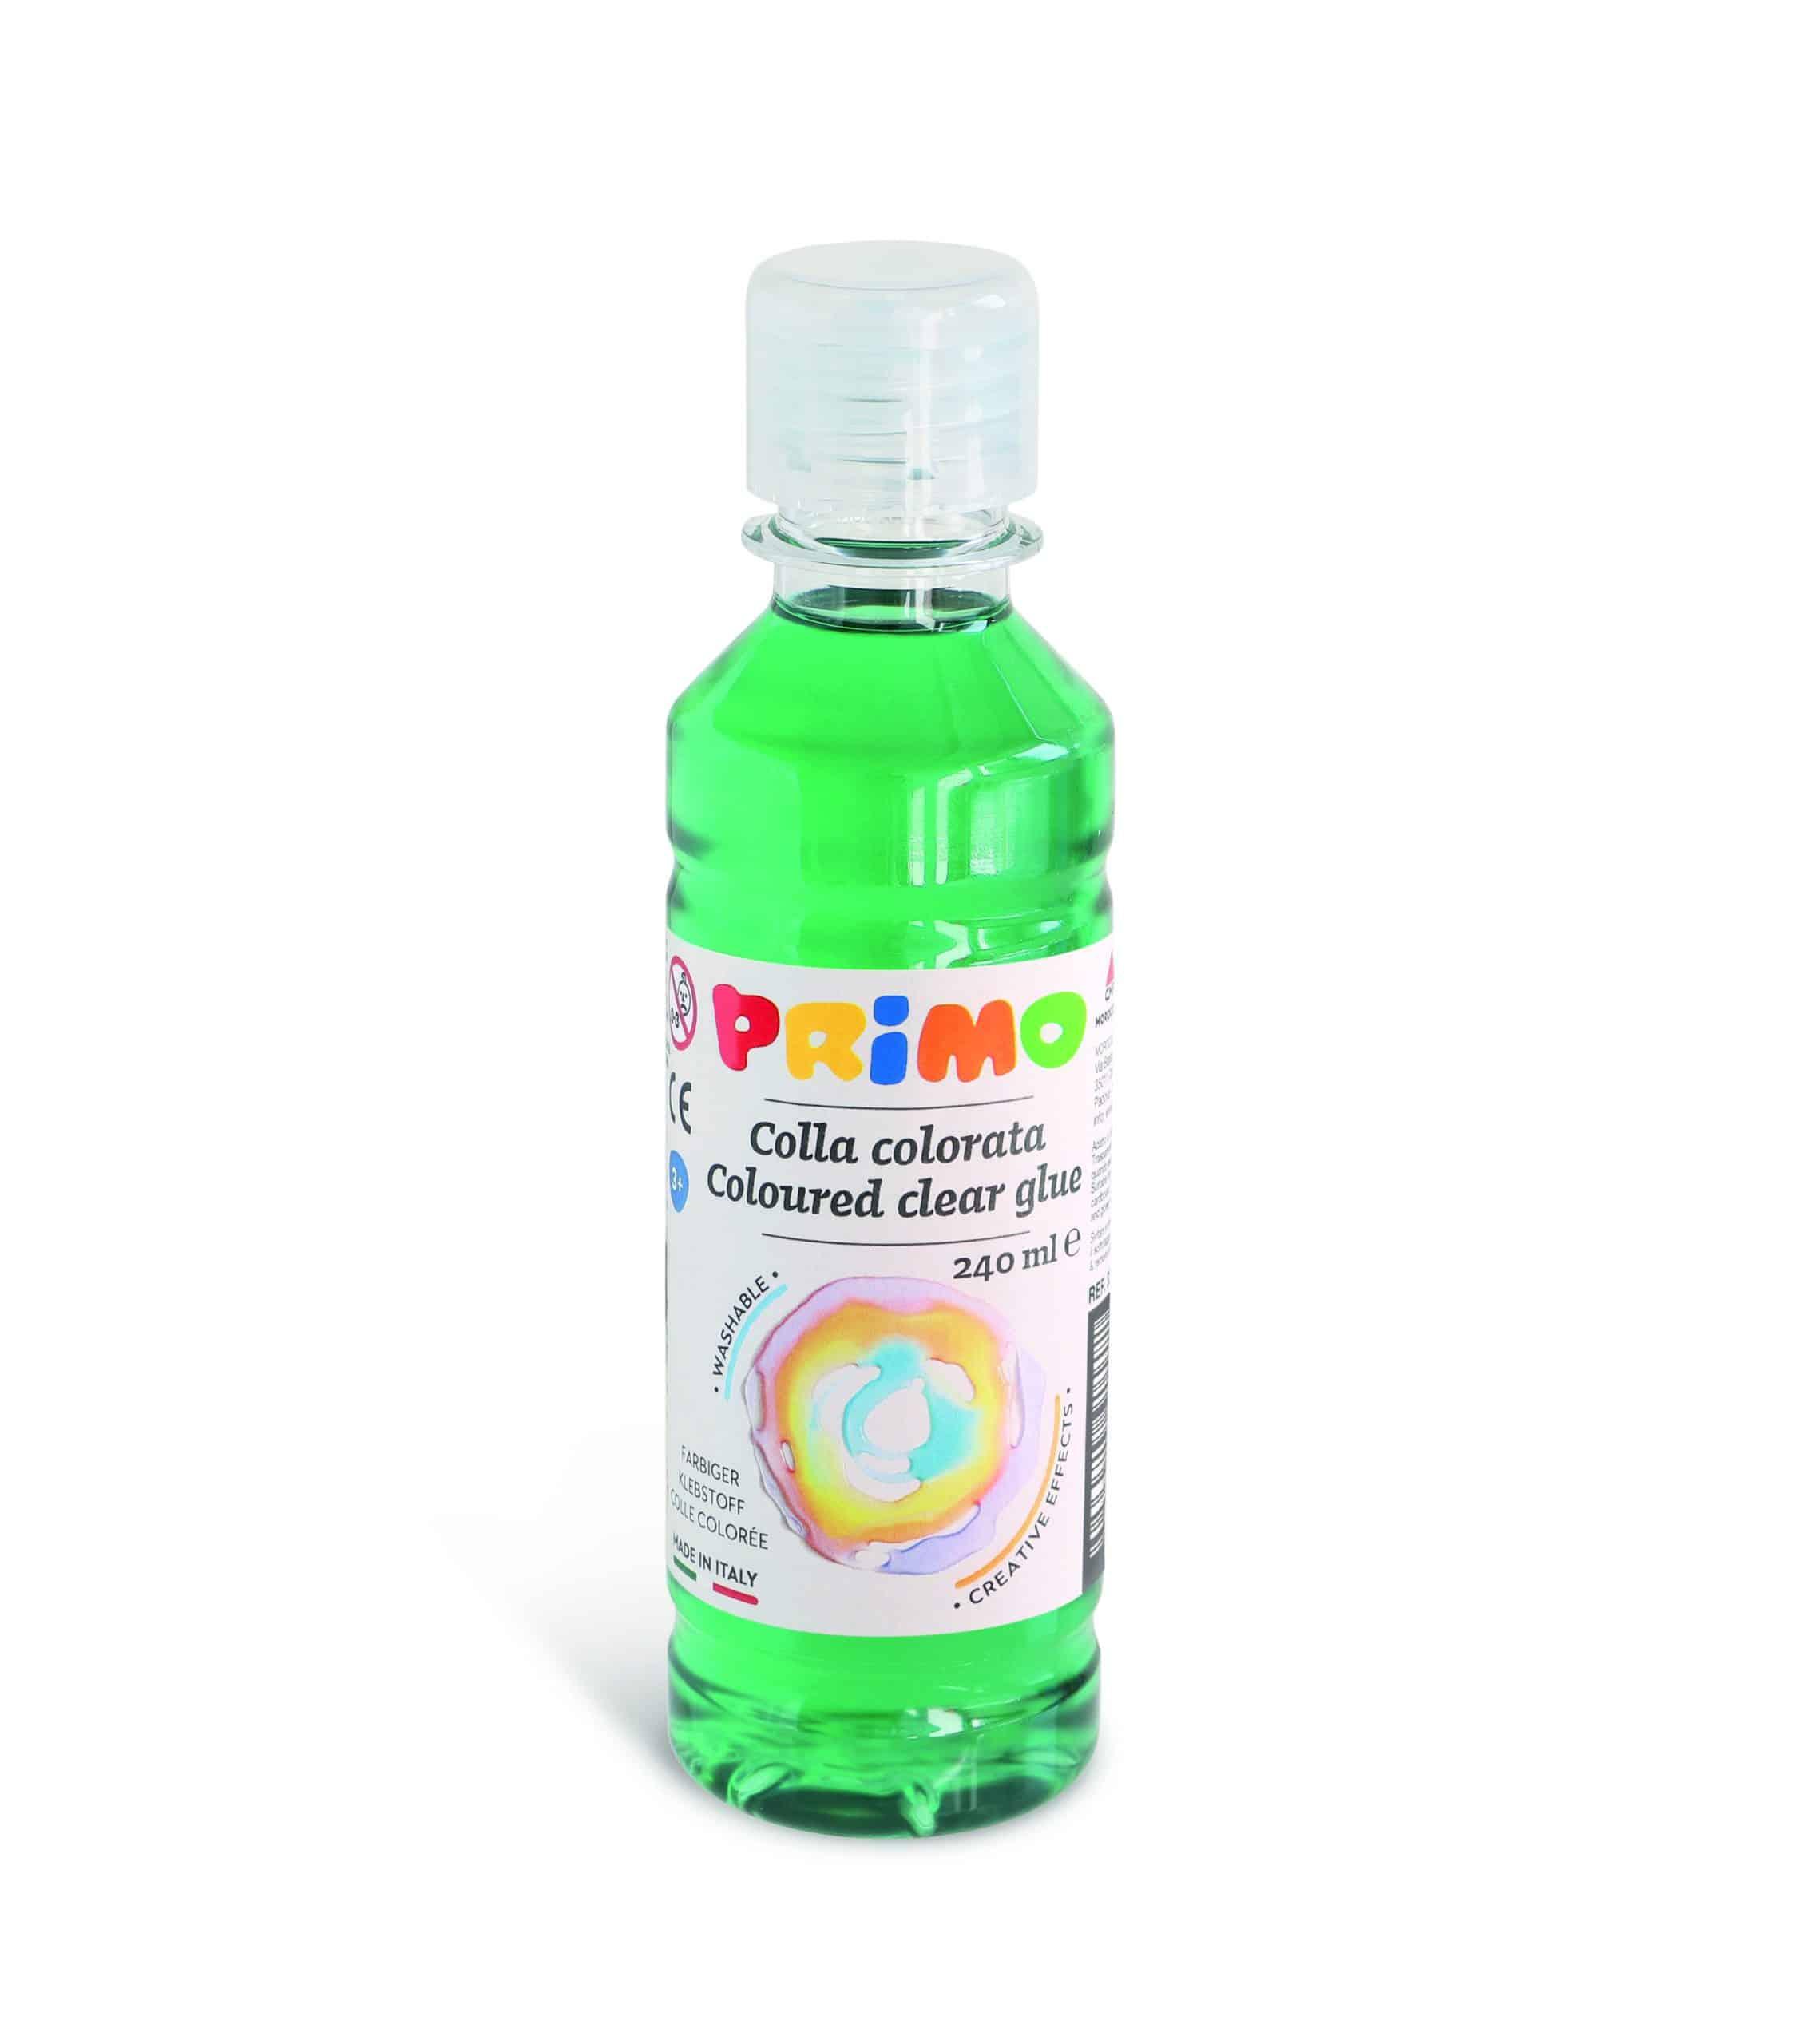 Barevné čiré lepidlo PRIMO na vodní bázi, 240 ml, zelené